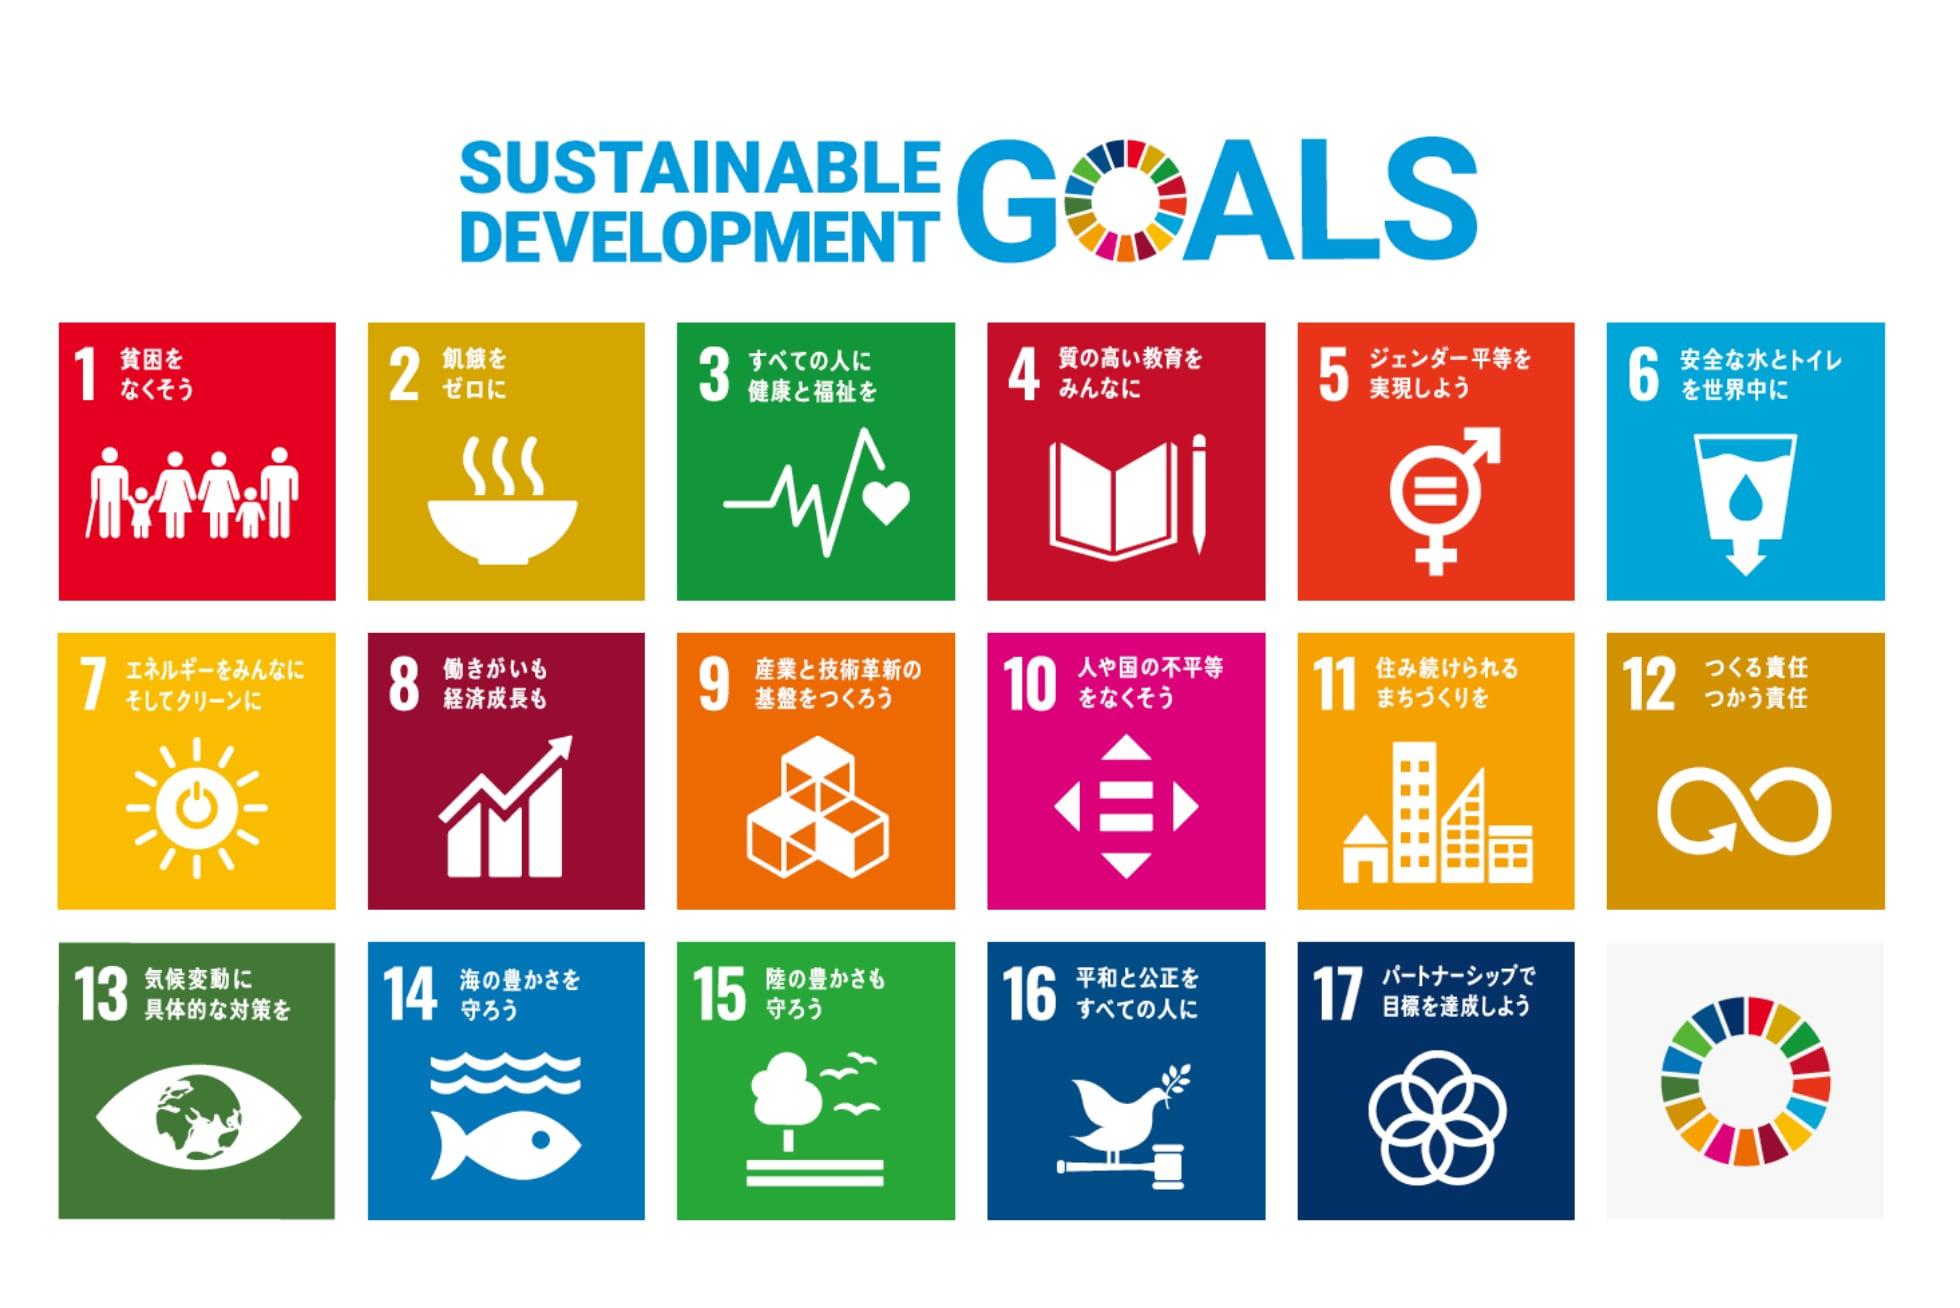 SDGsは、2015年に国連が定めた世界をよりよくする為の17の目標です。